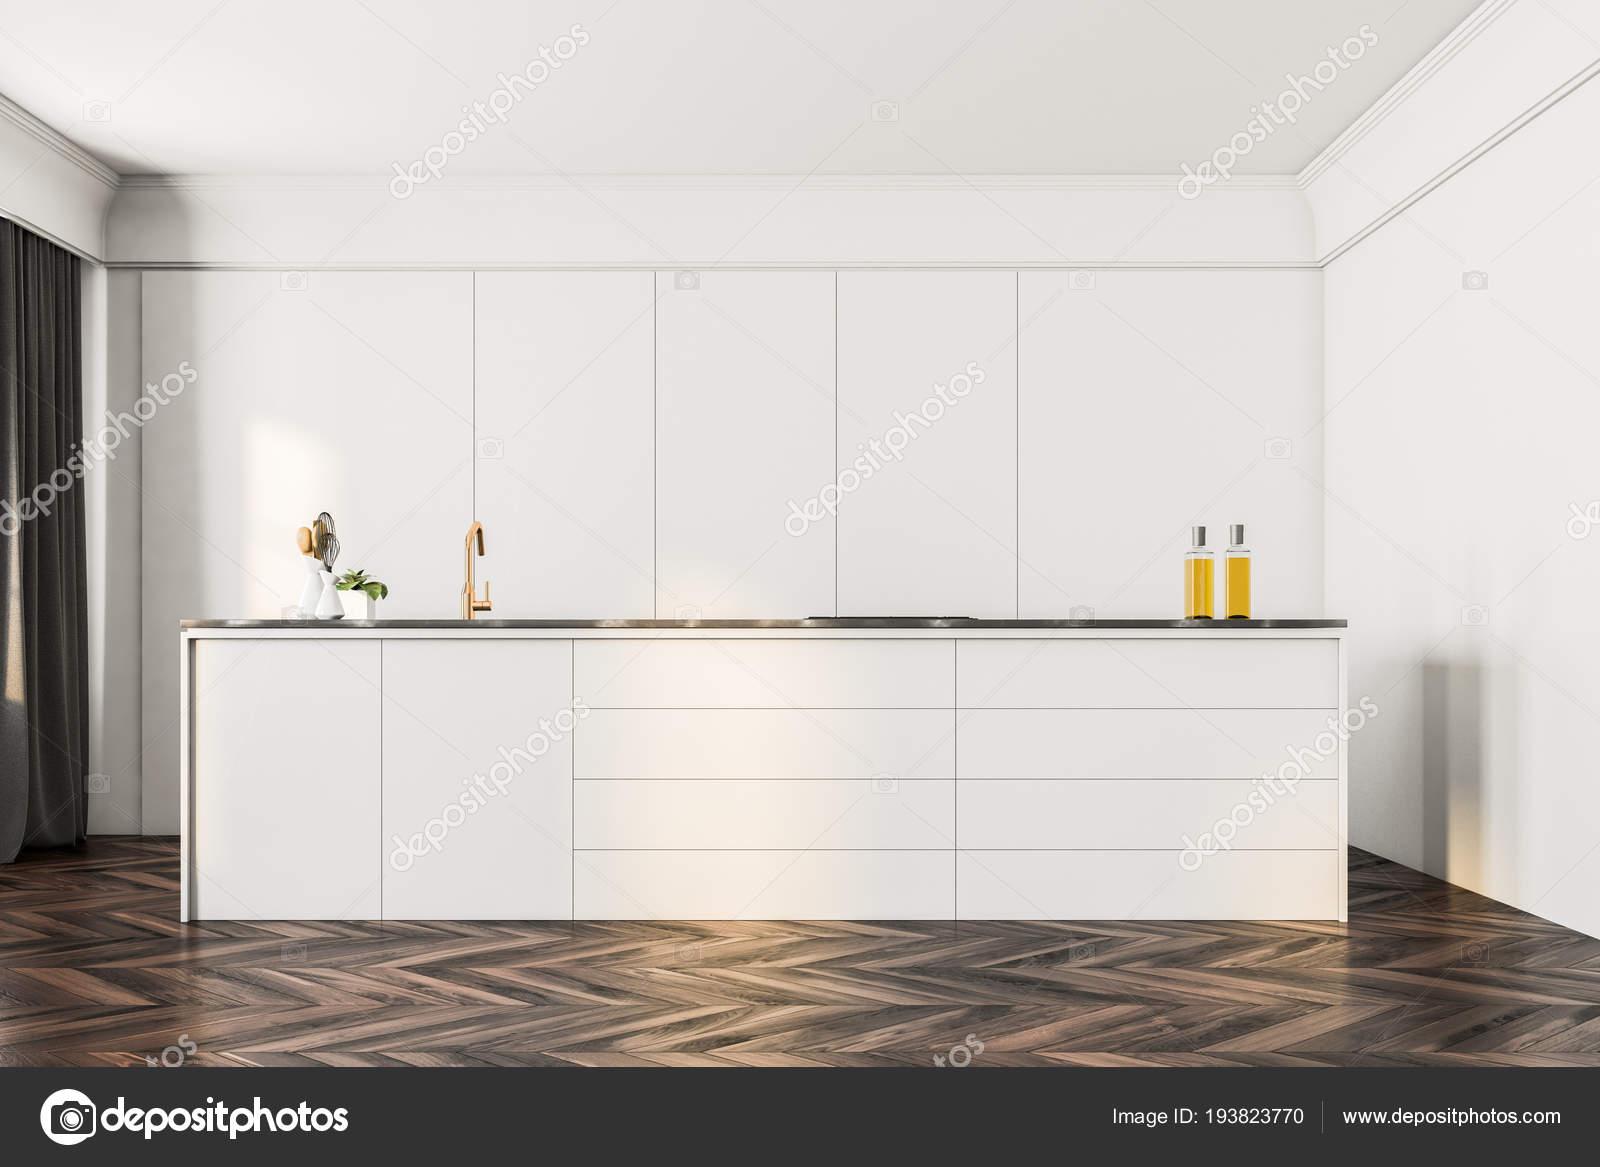 Extreem Minimalistische Witte Keuken Interieur Met Een Donkere Houten #UF45